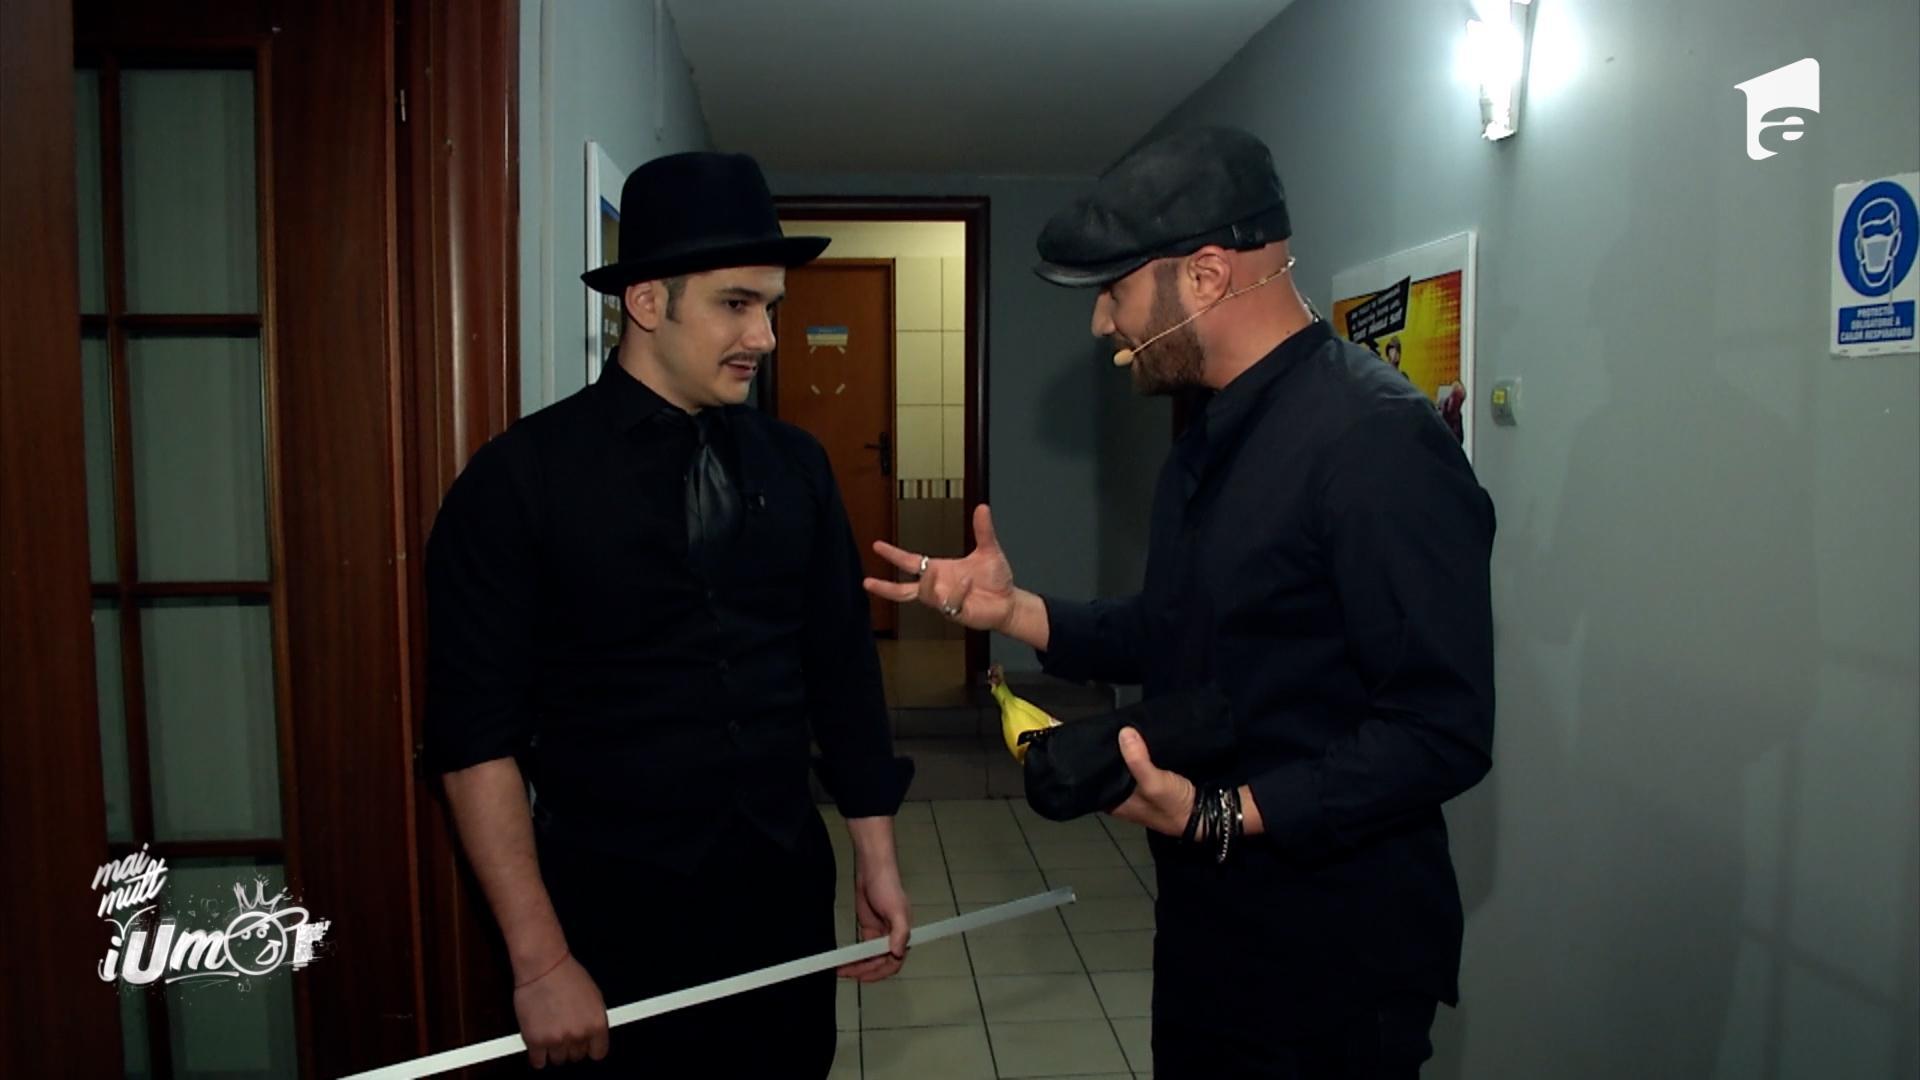 Vlad Drăgulin prezintă iMai mult Umor, episodul 14. Hai să vezi ce surprize din culise a pregătit!